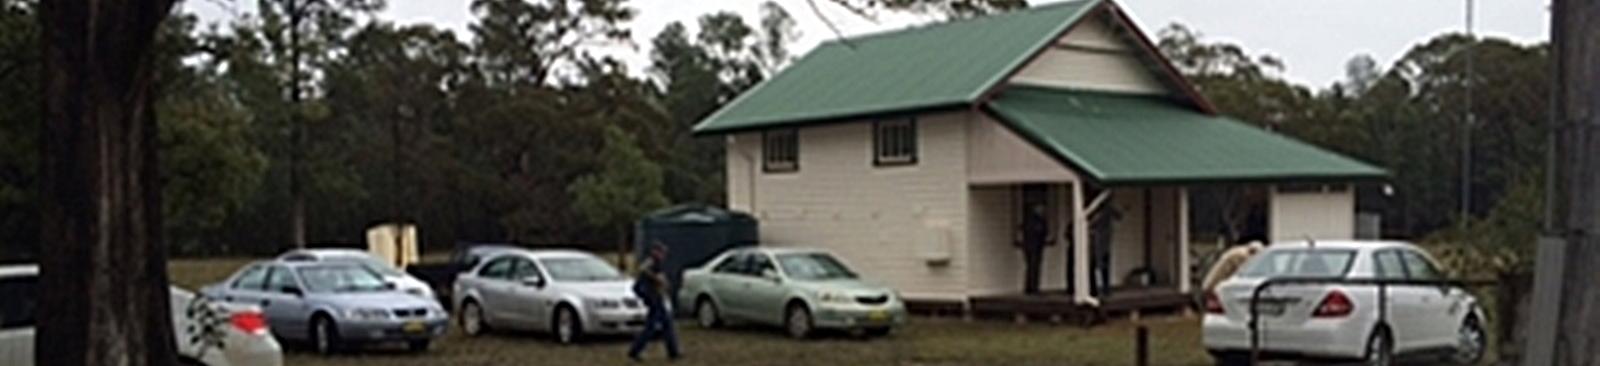 Coolah-Dunedoo Anglican Parish